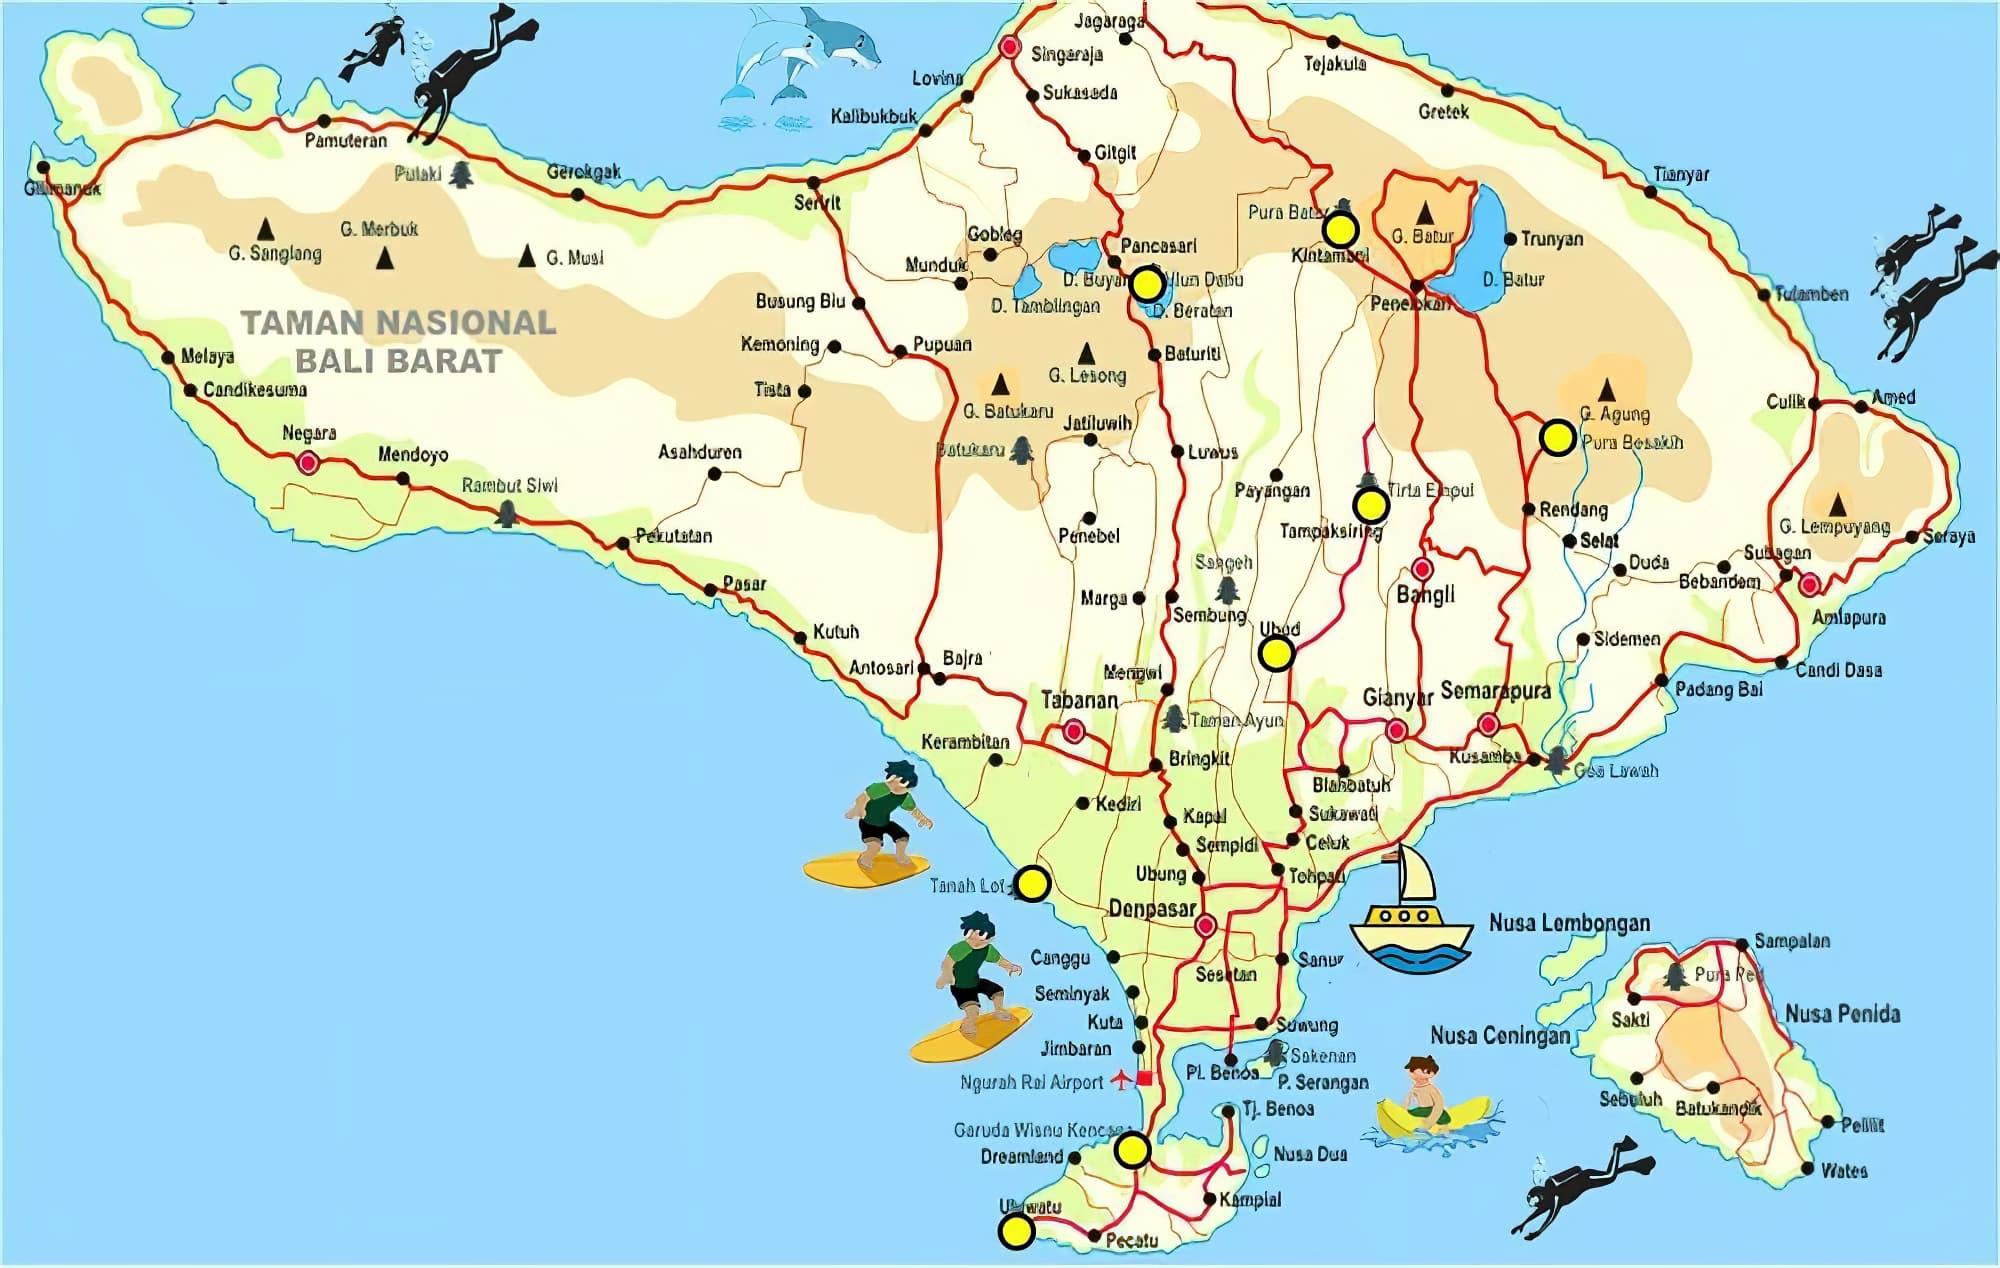 carte de bali et ses iles Cartes et plans détaillés de Bali